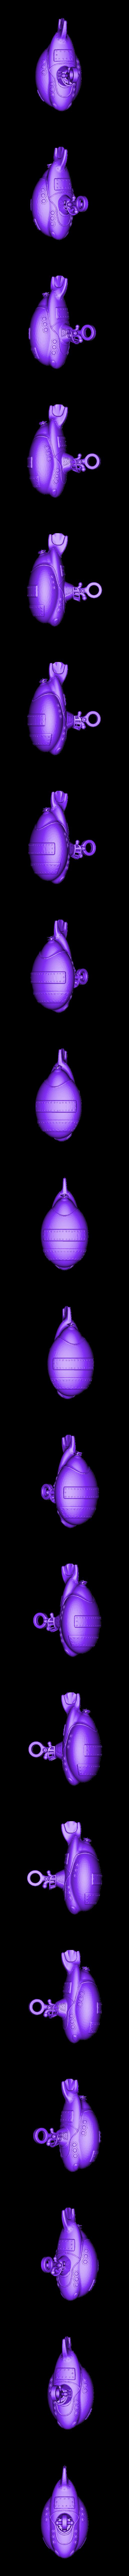 pl2.stl Télécharger fichier STL gratuit Porte-clés Sous-marin Jaune • Design imprimable en 3D, shuranikishin